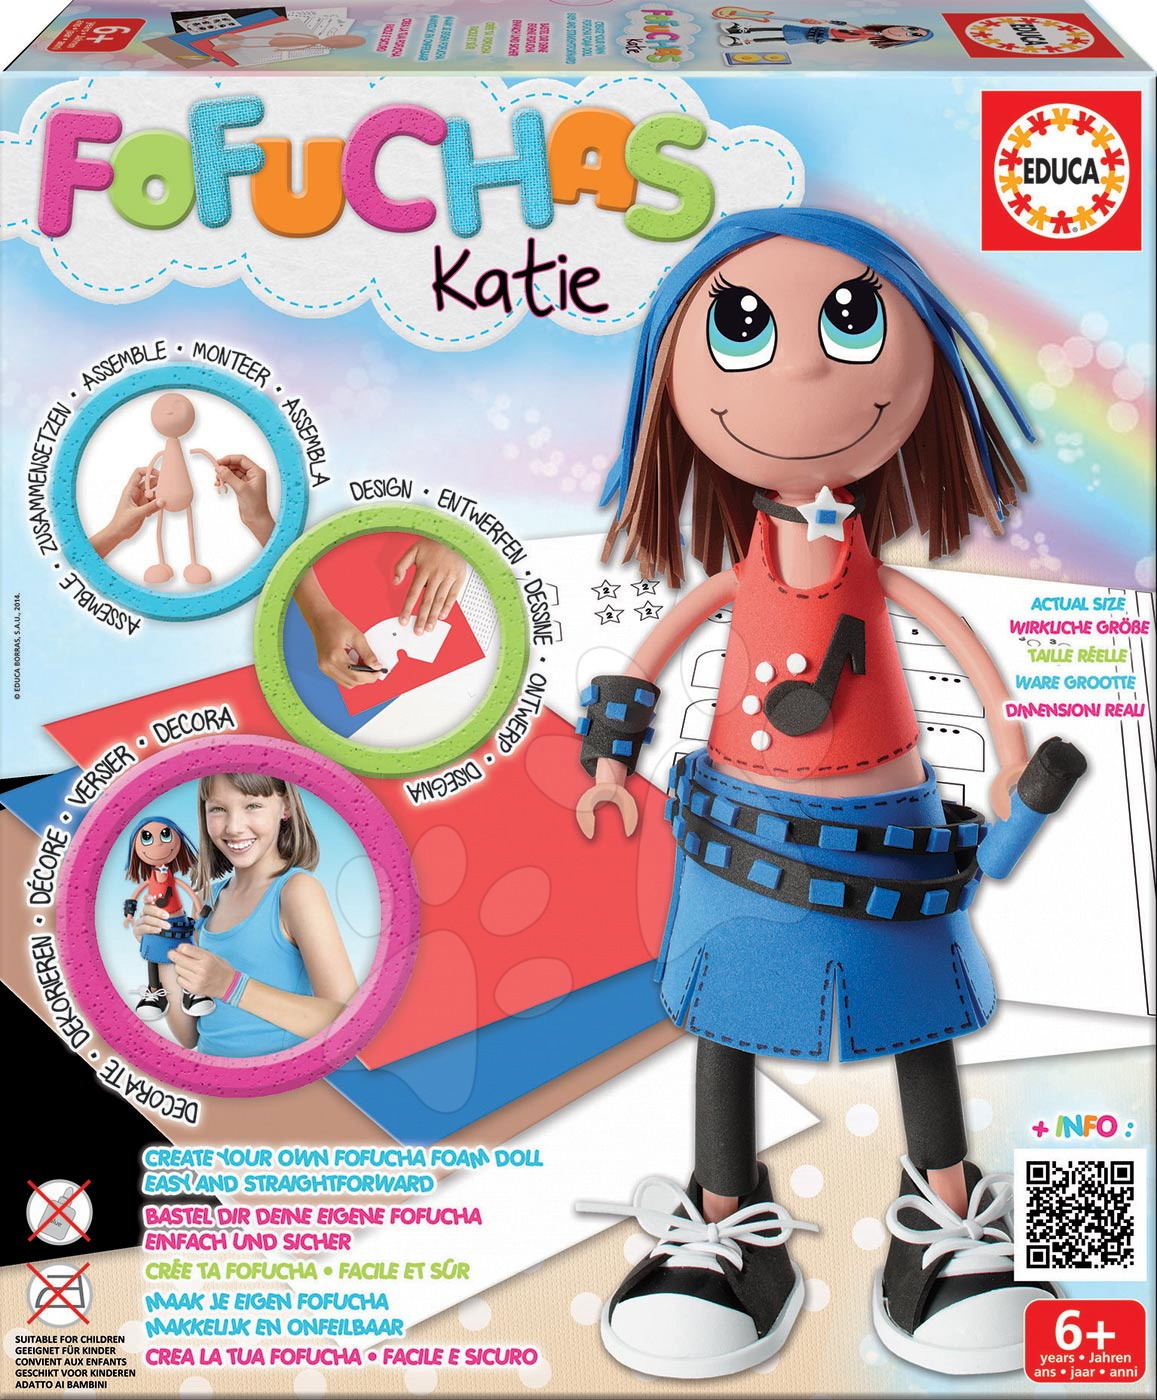 Ručné práce a tvorenie - Brazílska bábika Fofuchas Katie Rock Educa Obleč ju sama od 6 rokov